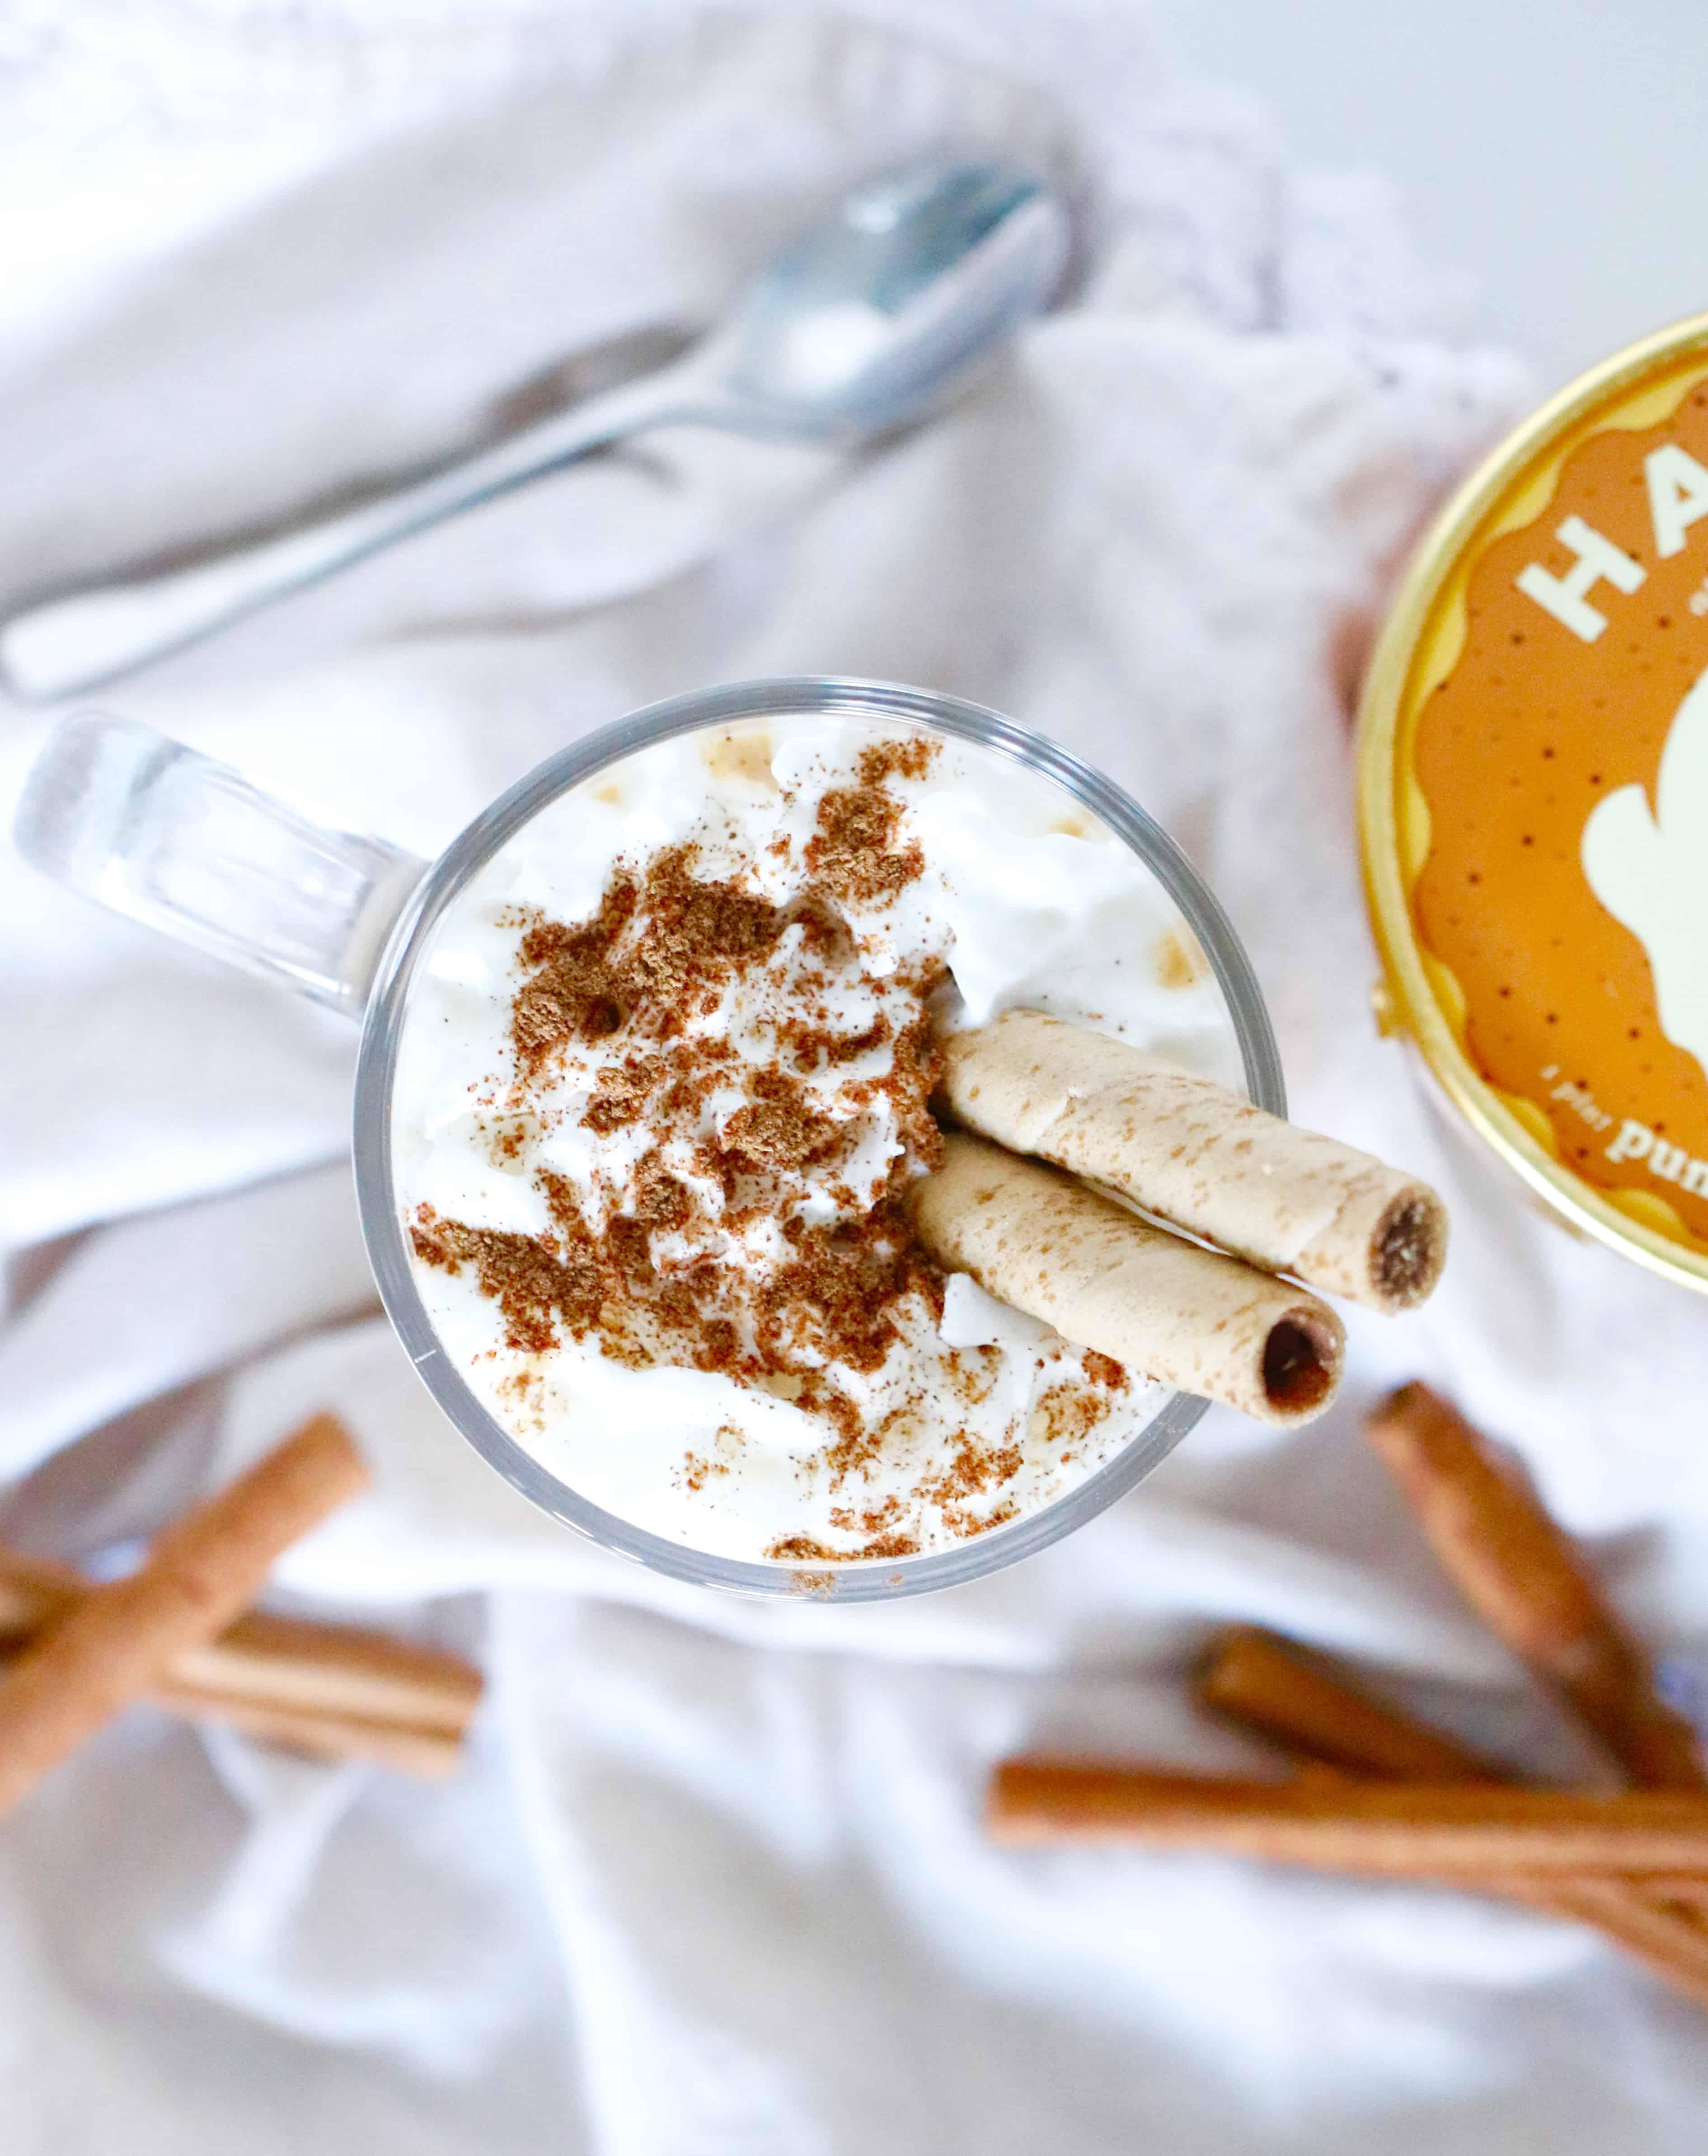 Frozen Pumpkin Spice Latte - Enjoy a taste of fall! @shawsimpleswaps